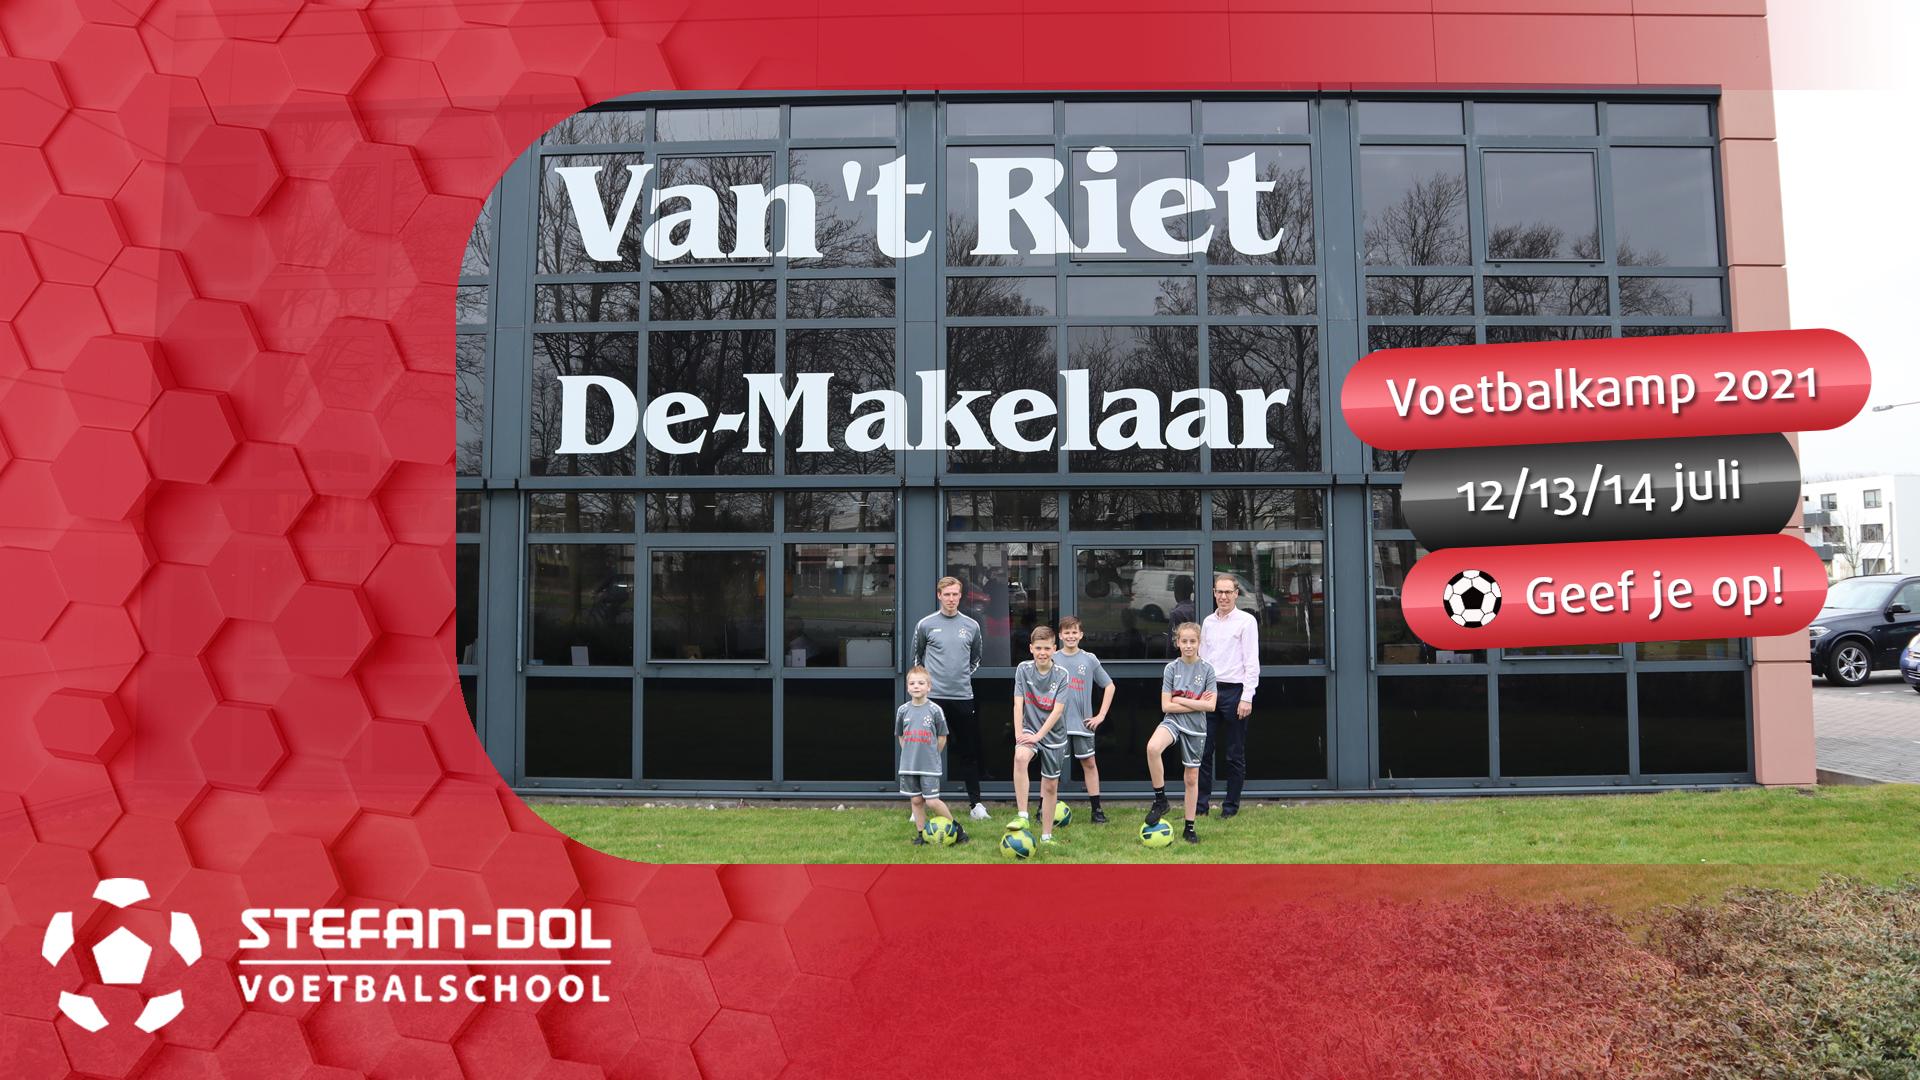 Voetbalkamp 2021 / Van 't Riet De-Makelaar